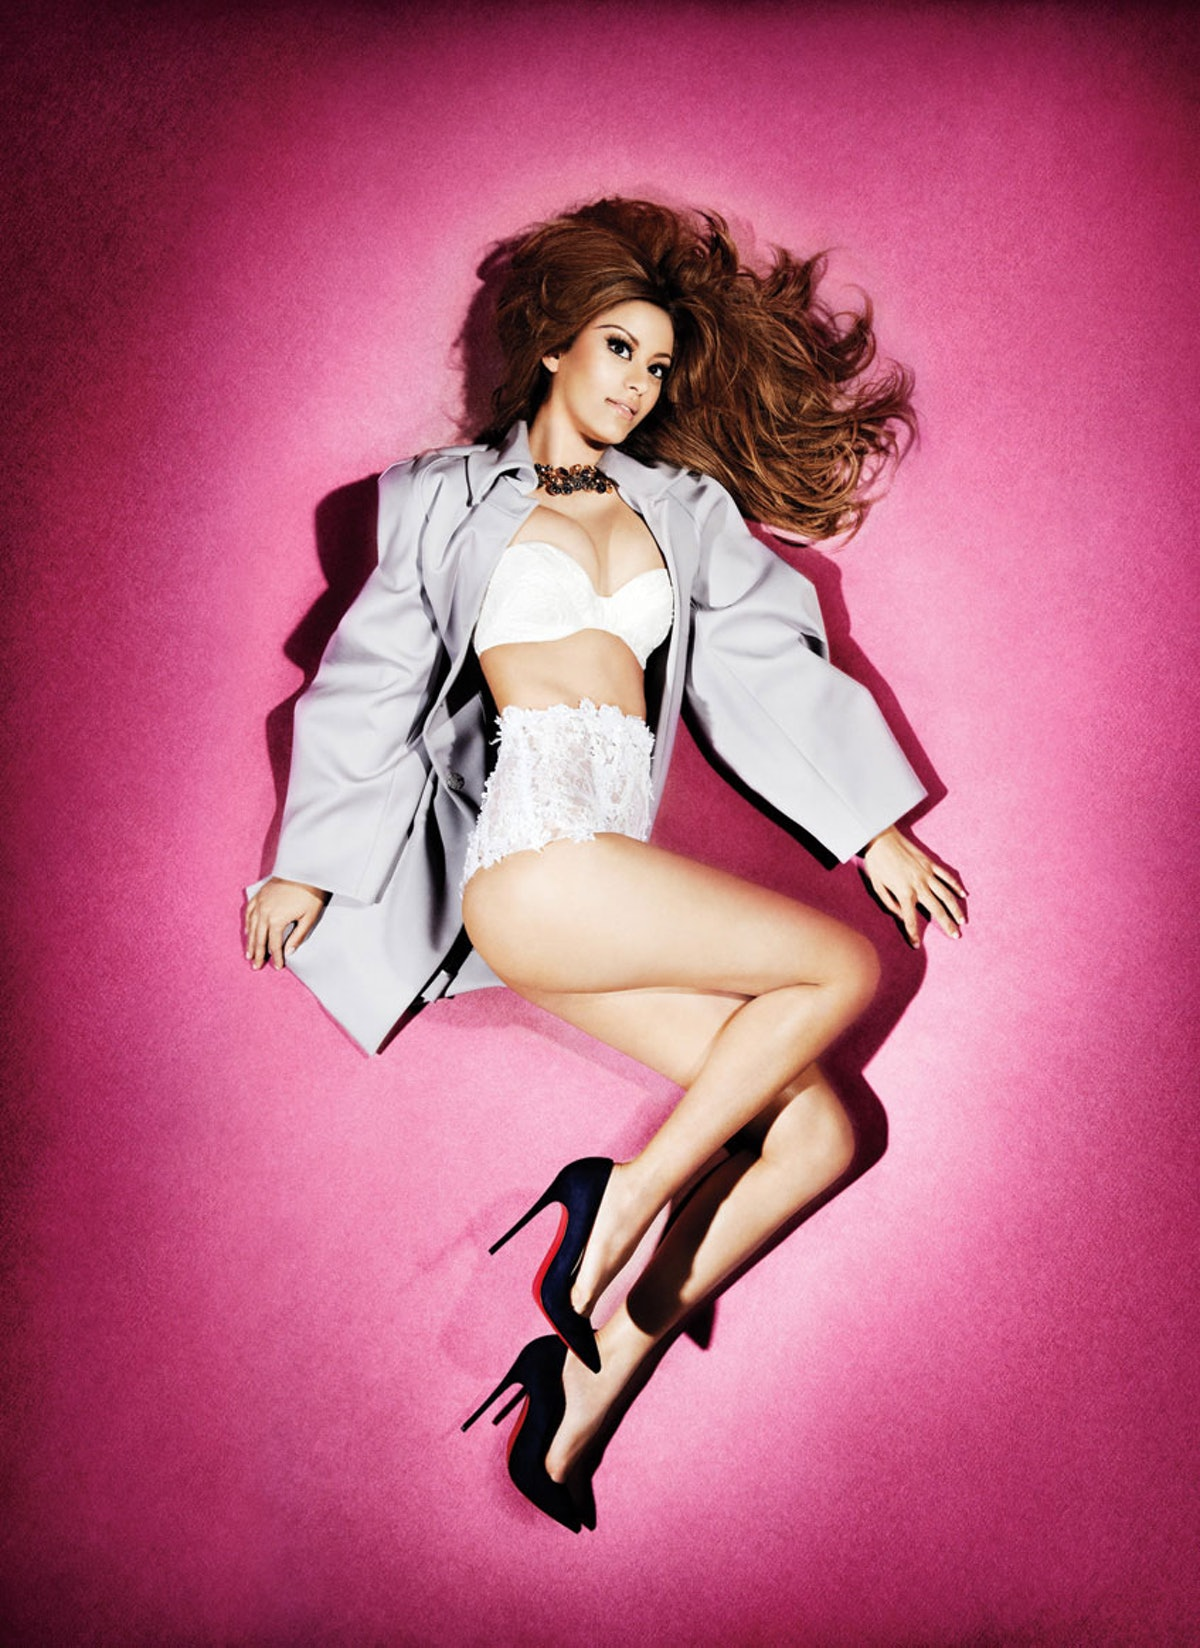 faar-zahia-dehar-lingerie-designer-02